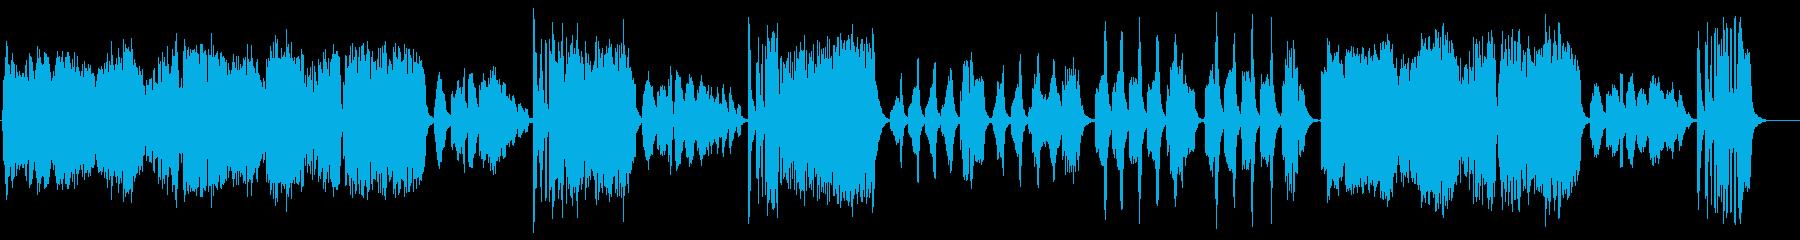 【バイオリン生演奏】ハンガリー舞曲第5番の再生済みの波形